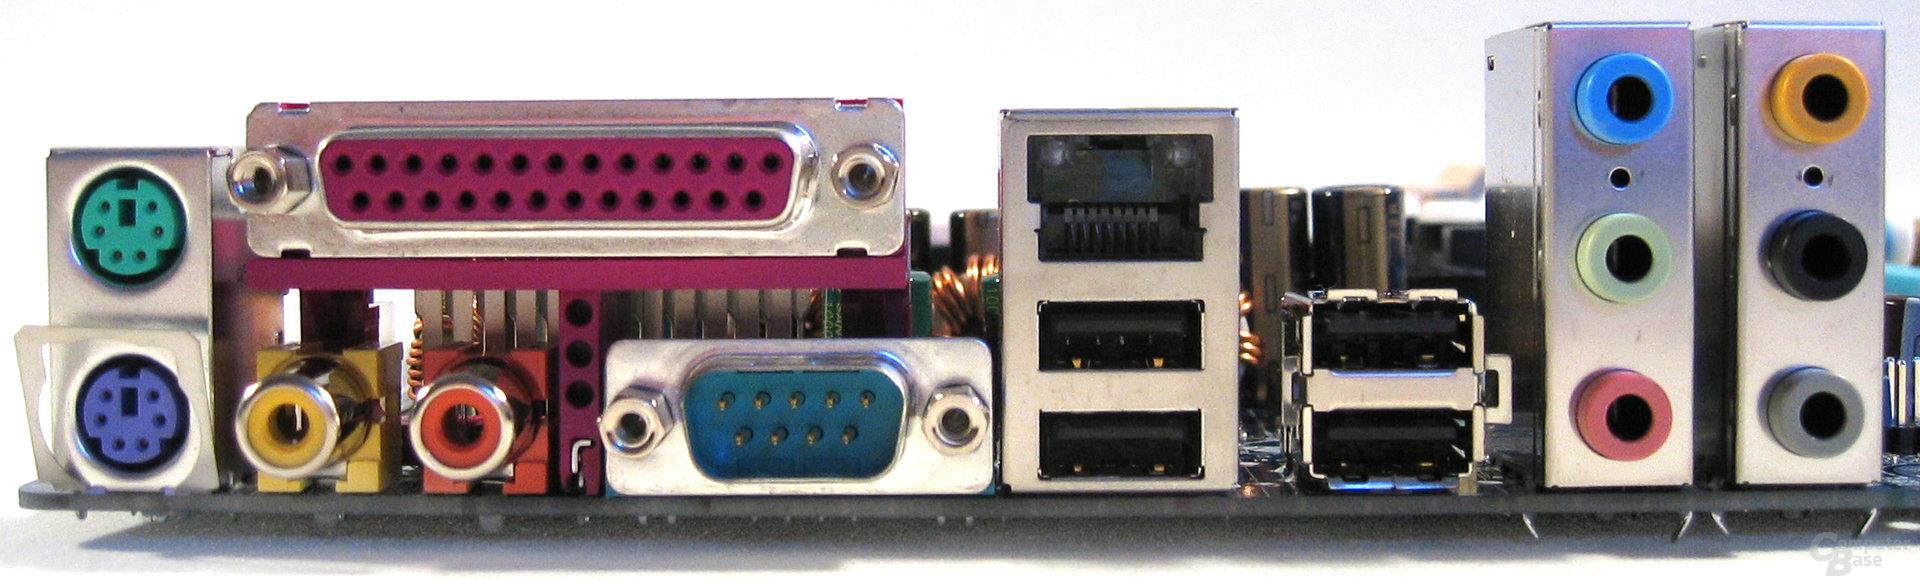 Gigabyte GA-K8N Pro-SLI ATX-Blende